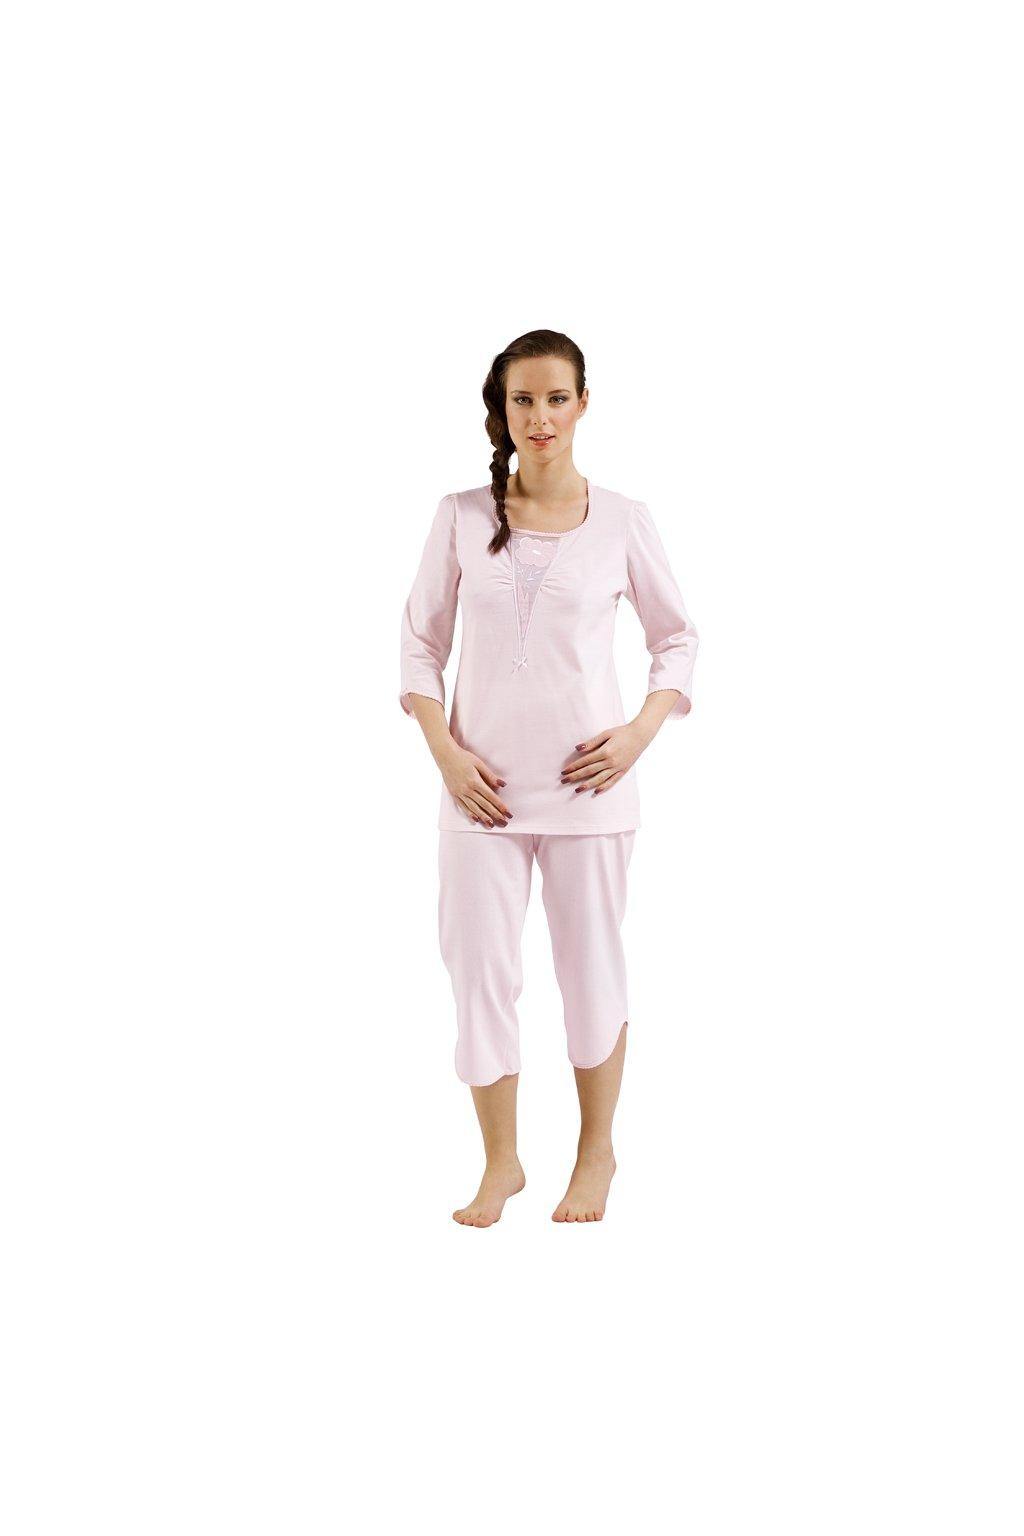 Dámské pyžamo s 3/4 rukávem, 104175 8, růžová